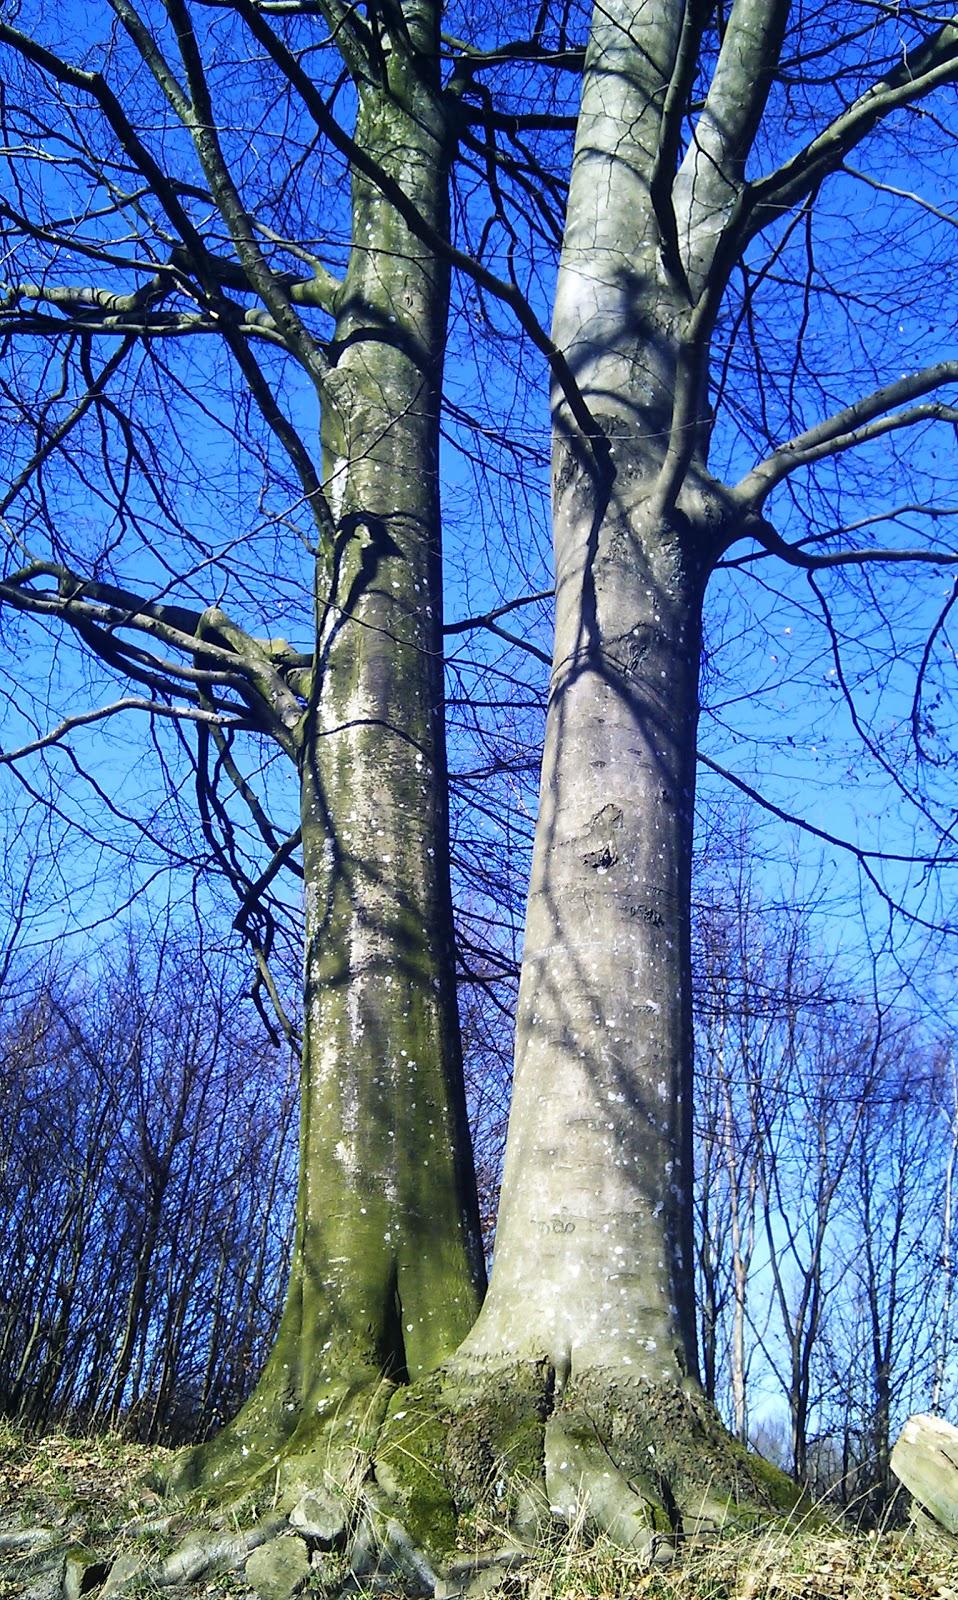 Från flummiga tankar till seriösa känslor Träd och Symbolik